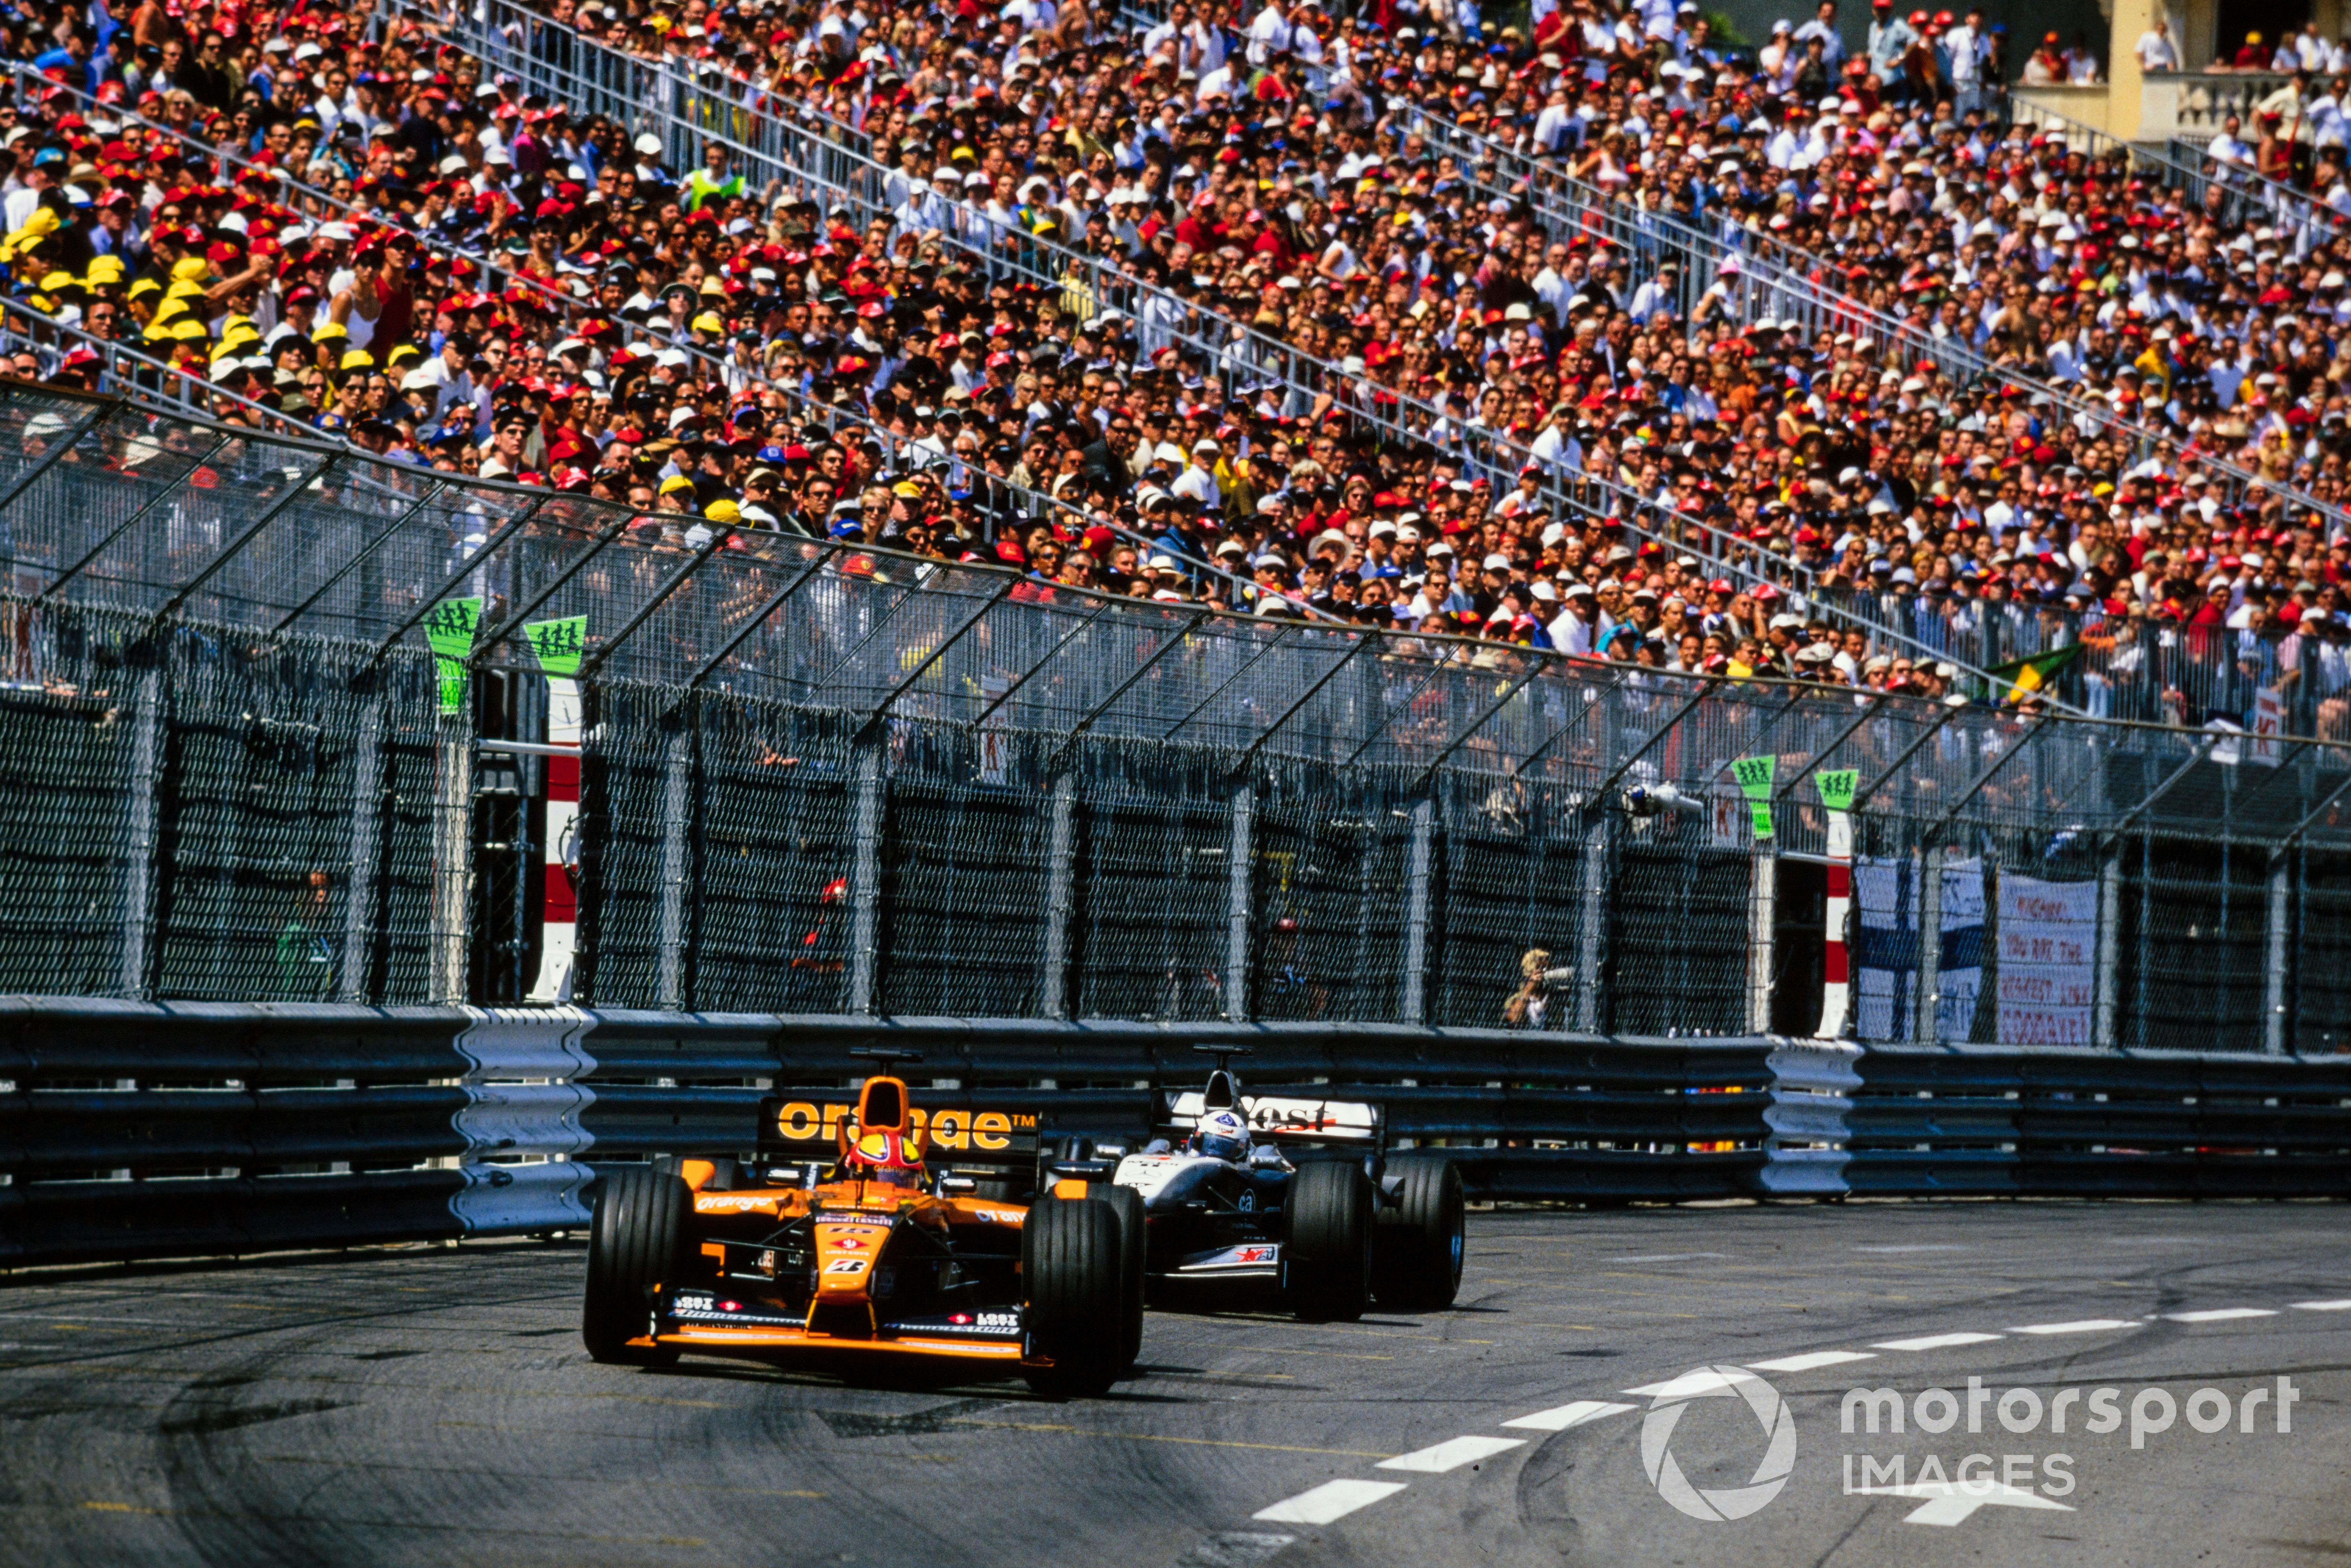 Enrique Bernoldi, Arrows A22 Asiatech, leads David Coulthard, McLaren MP4-16 Mercedes, 2001 Monaco GP